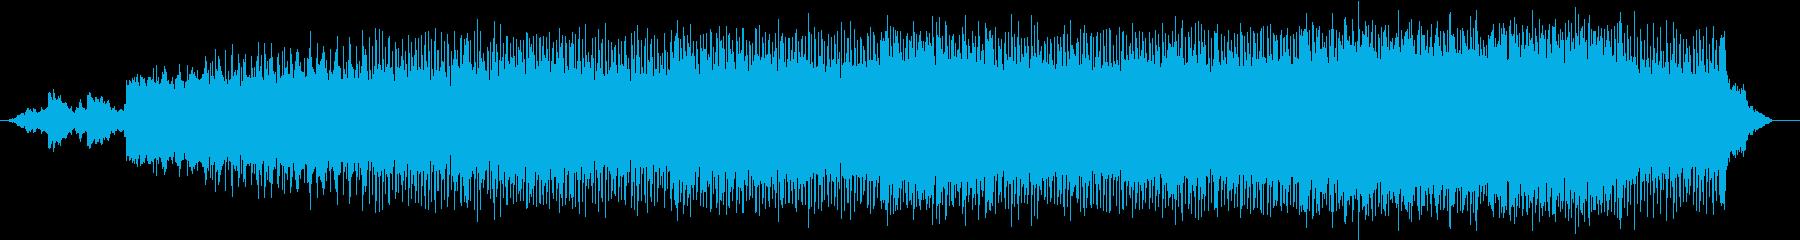 低く曇ったシリアスなロック・アンサンブルの再生済みの波形